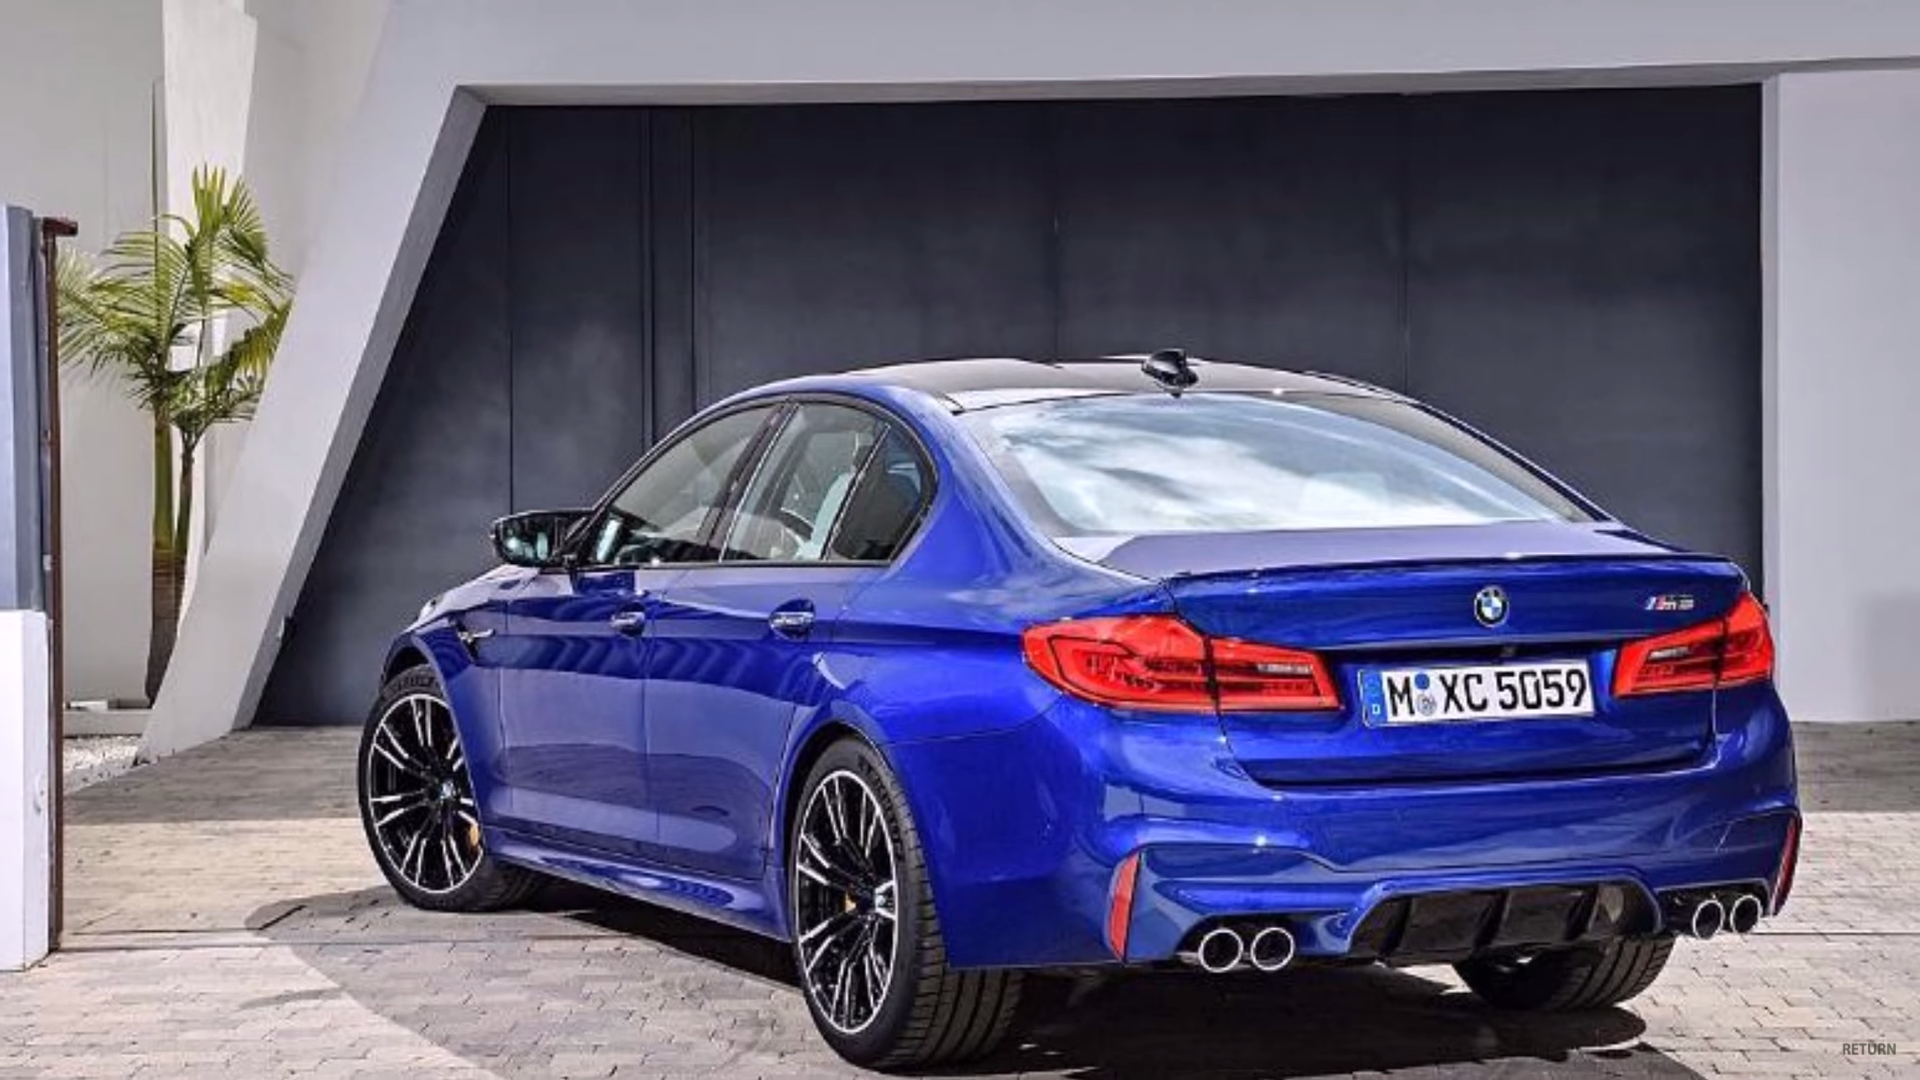 De nieuwe BMW M5 (F90 / G30) is hier - TopGear Nederland